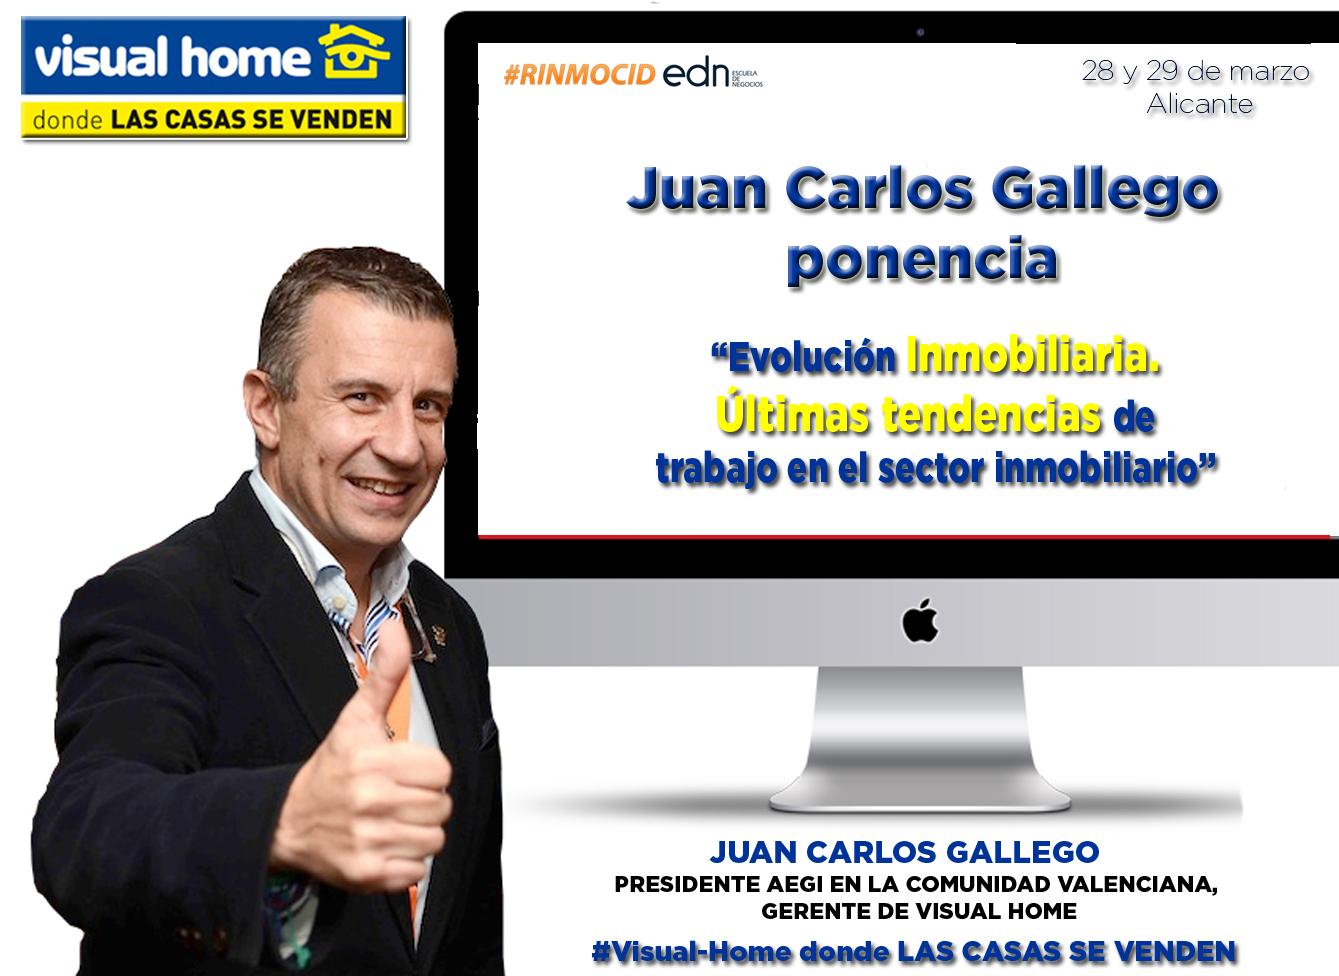 Juan Carlos Gallego Ponencia RINMOCID EDN VISUAL HOME